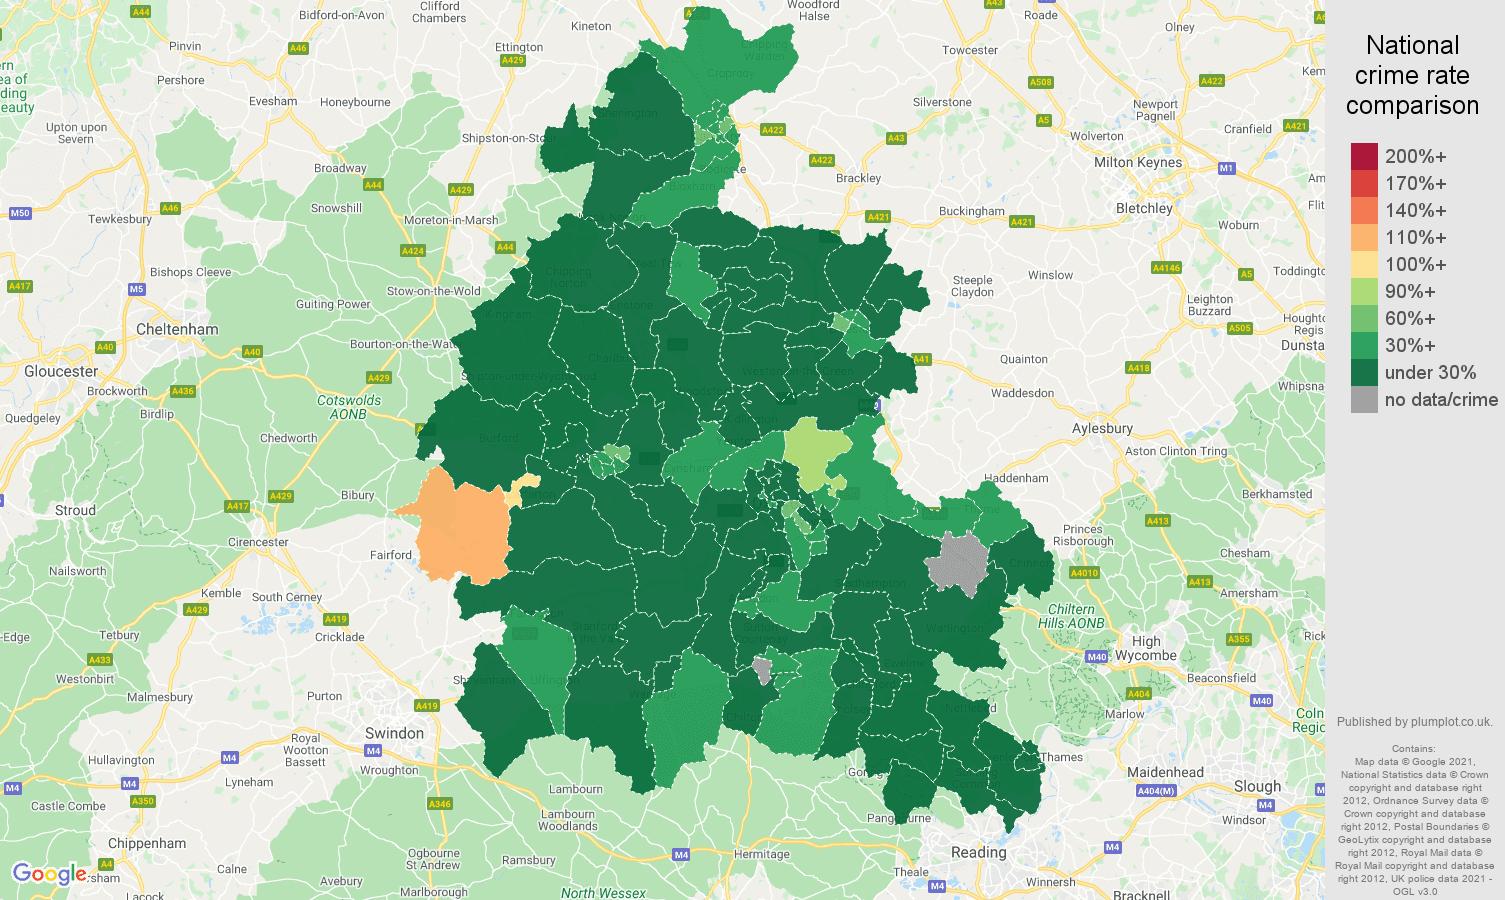 Oxfordshire antisocial behaviour crime rate comparison map